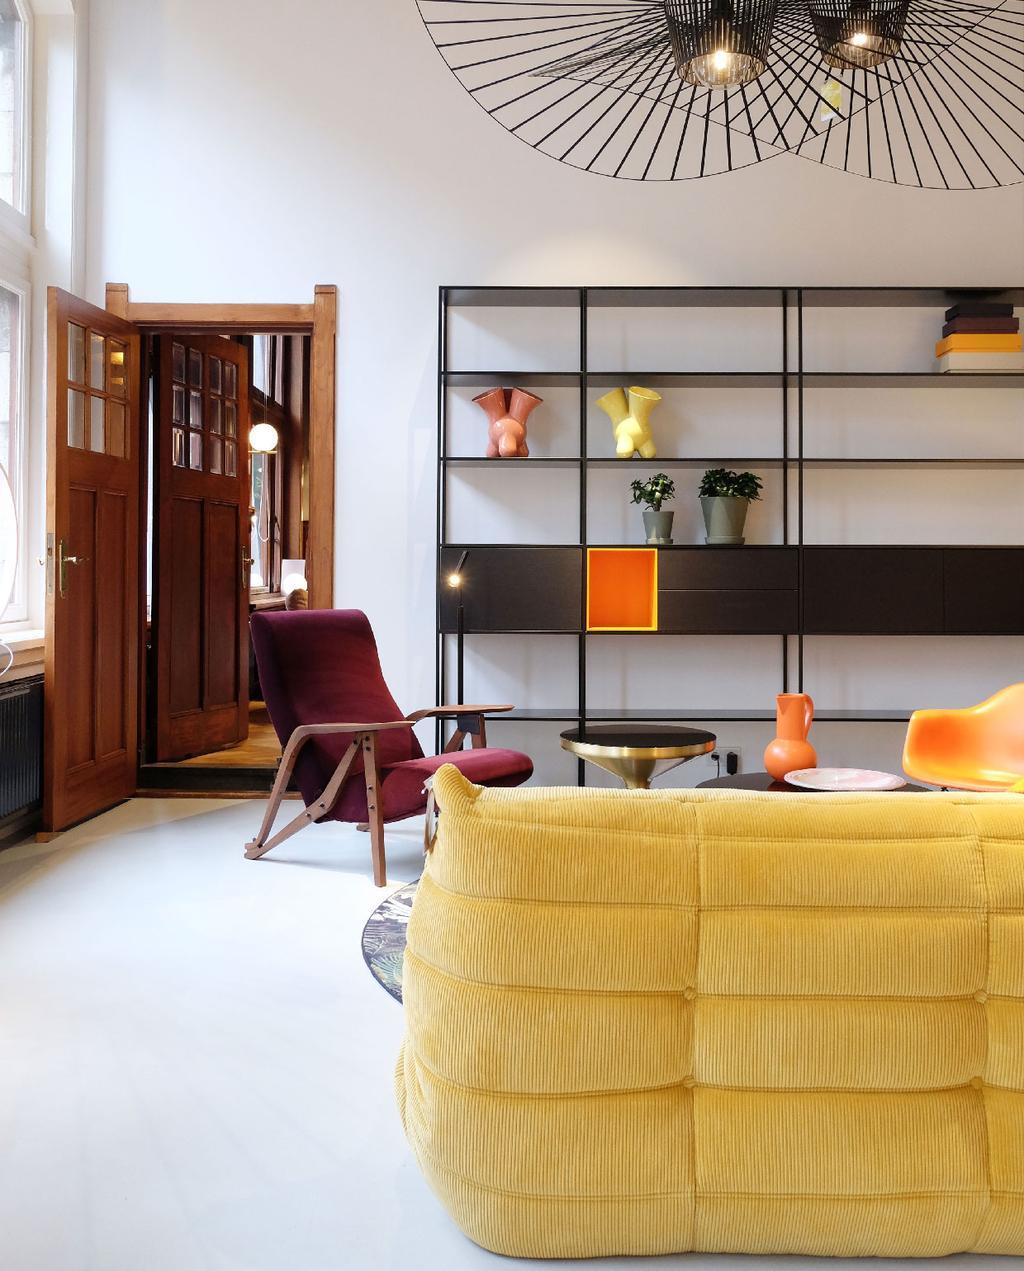 vtwonen blog prchtg | carlos in huis deventer gele ligne roset